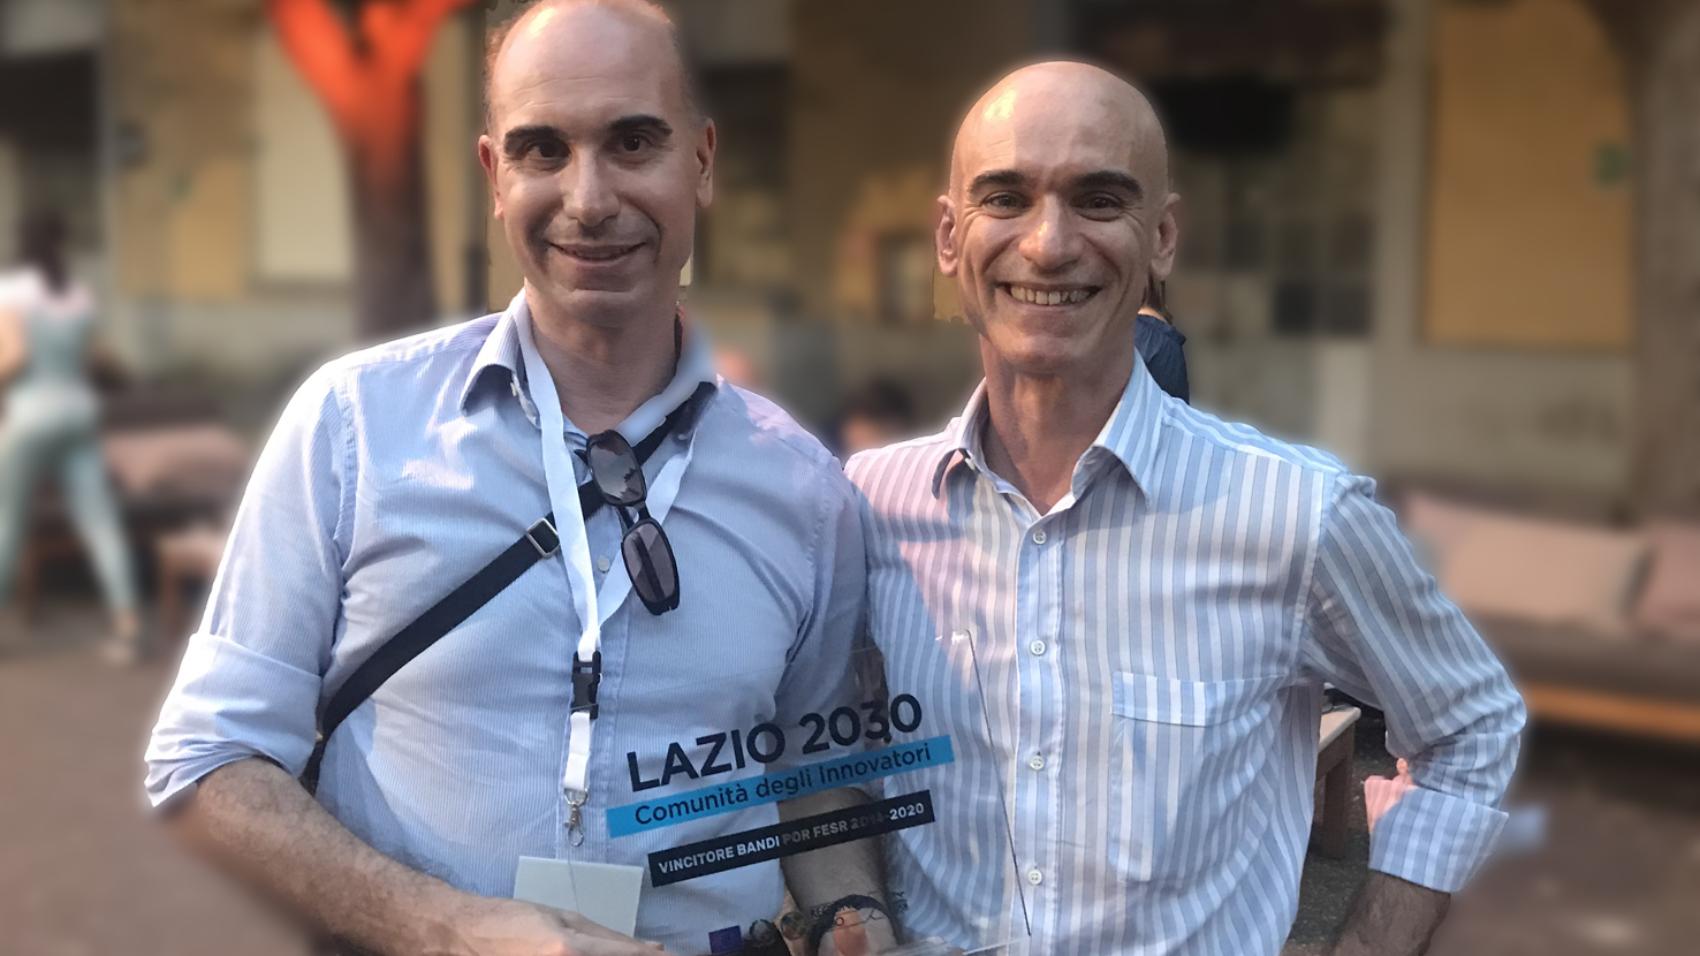 Premio Lazio 2030